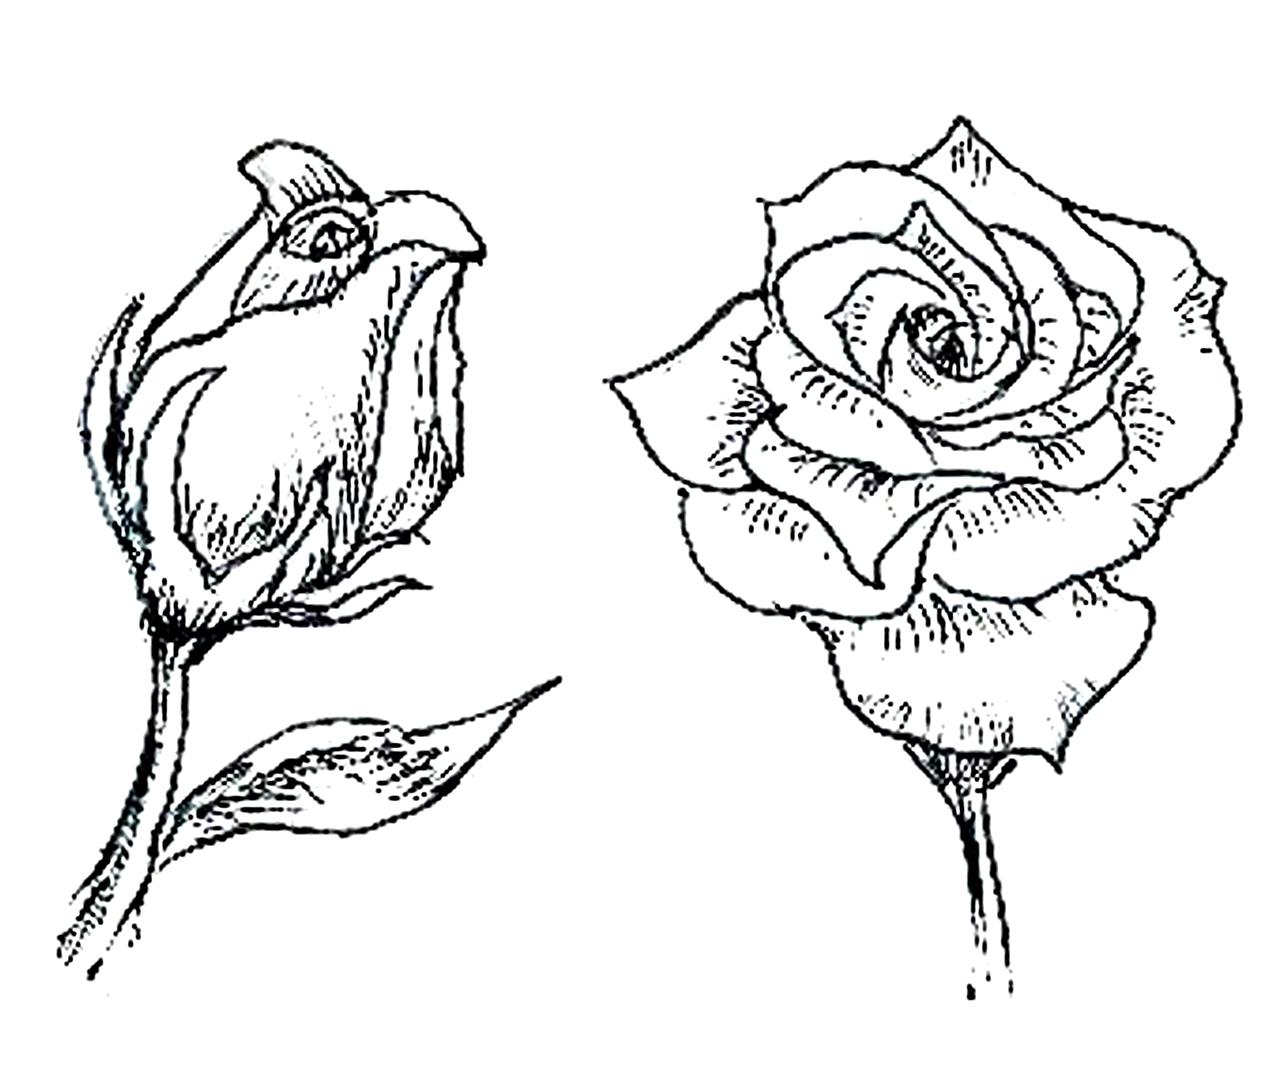 Blumenbilder Zum Ausmalen in Blumenbilder Zum Ausmalen